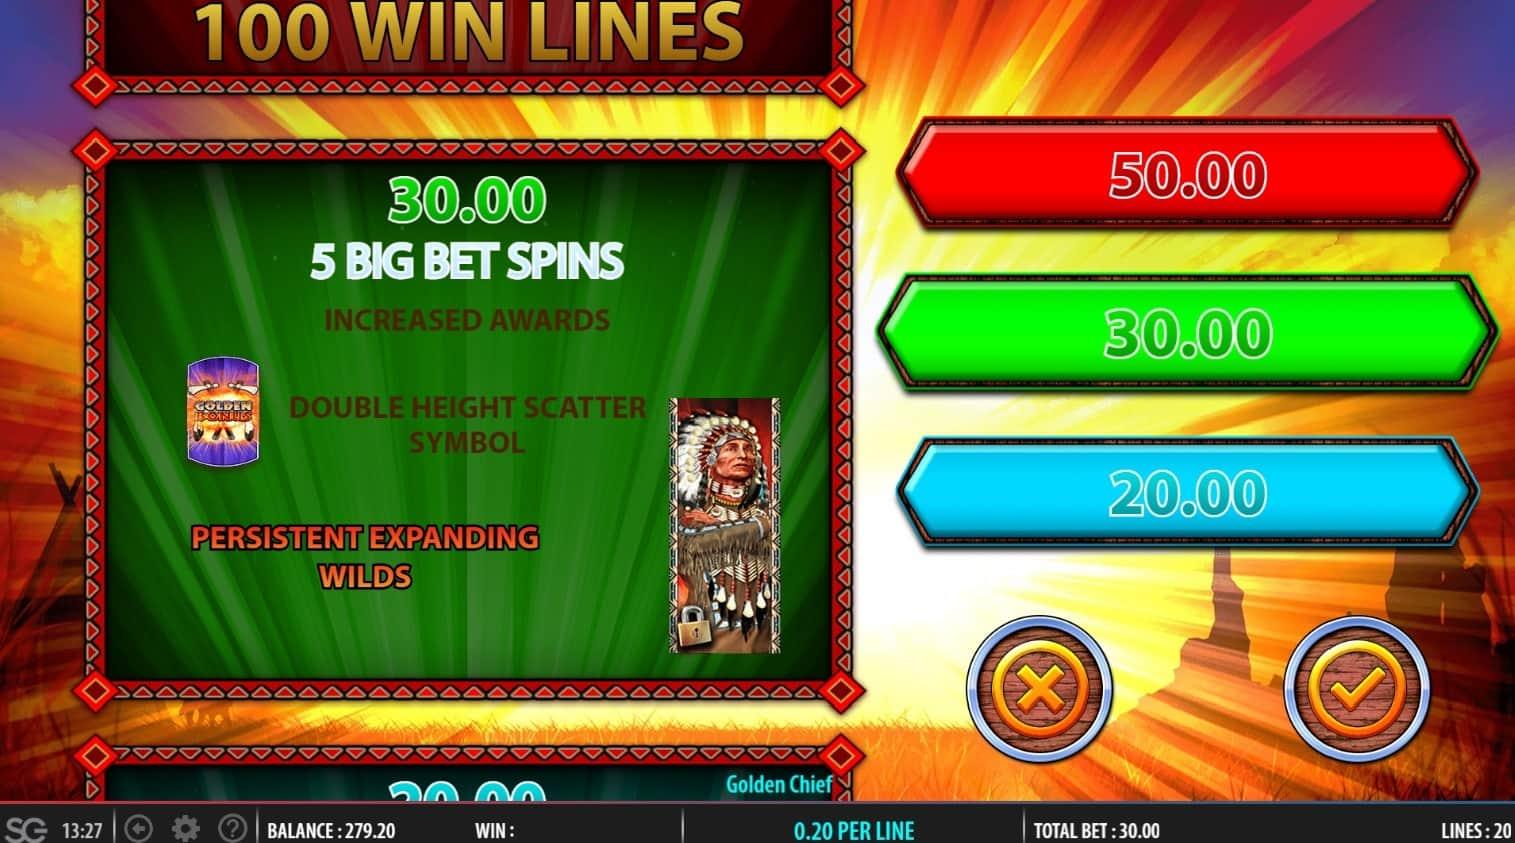 Golden Chief slot bonus